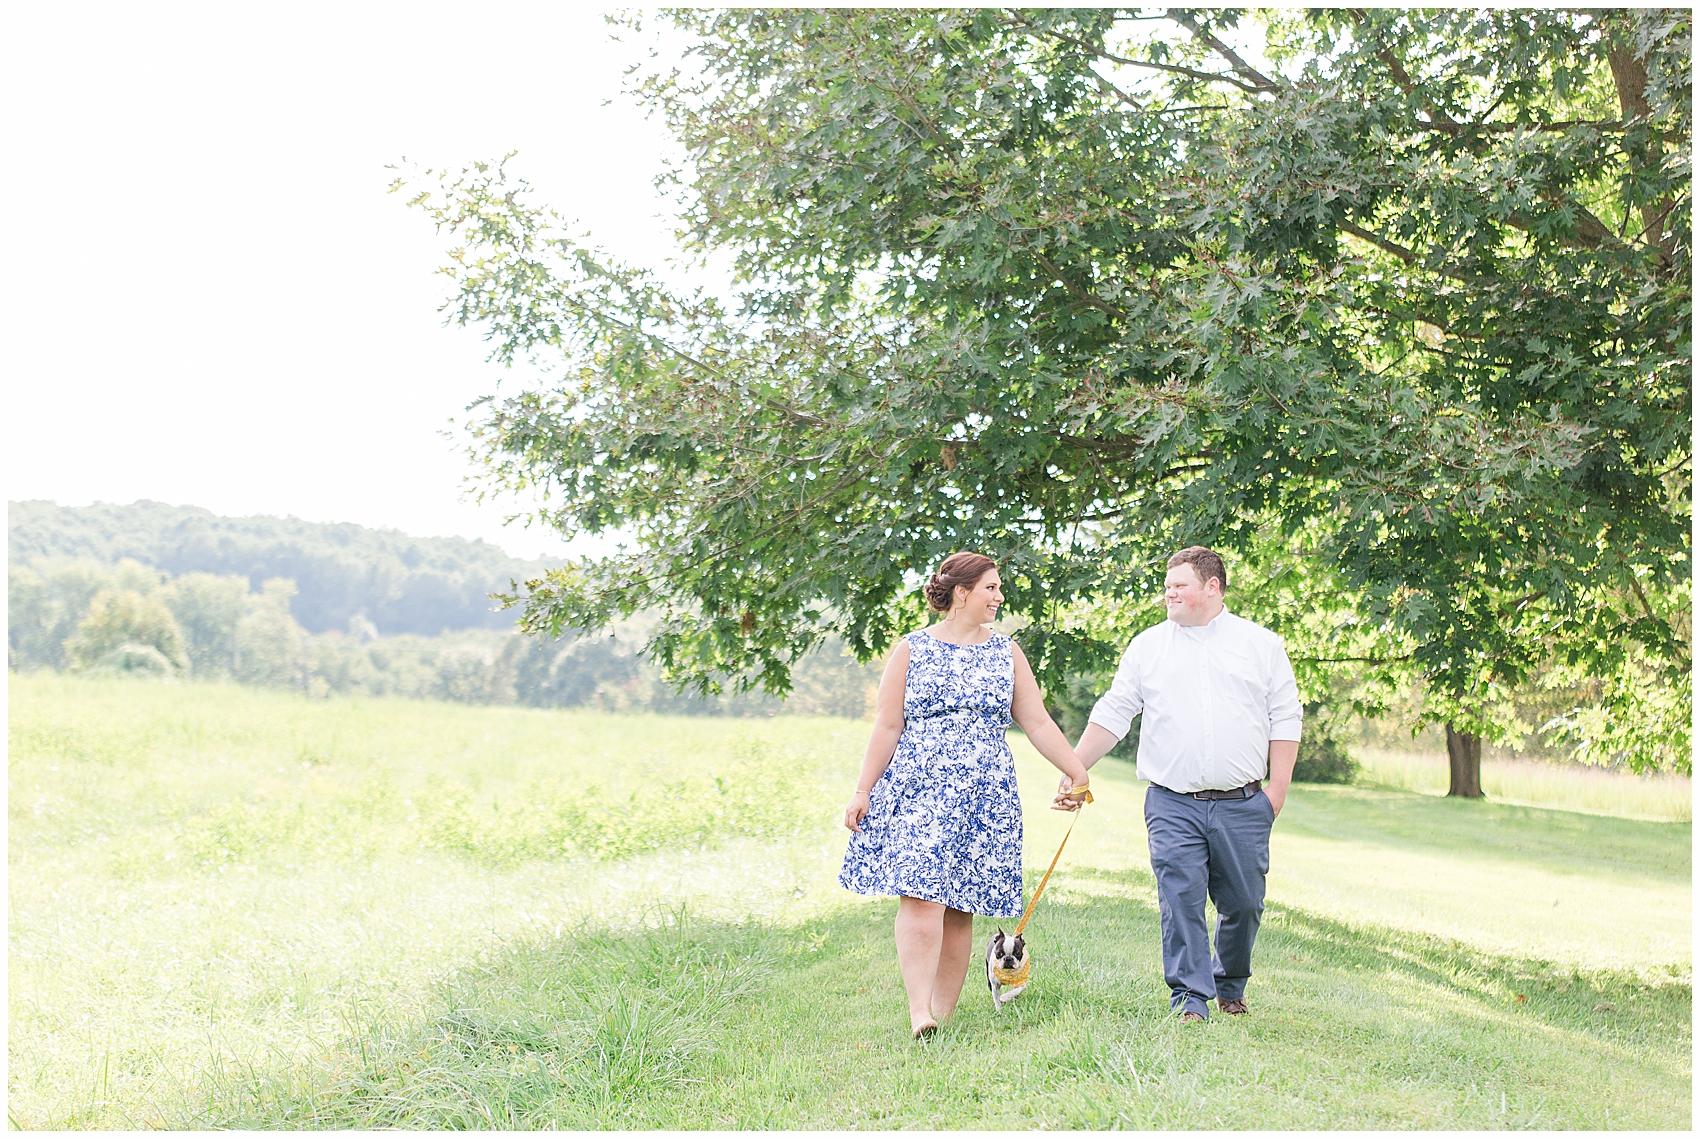 Springton-Manor-Farm-Photographer-5.jpg